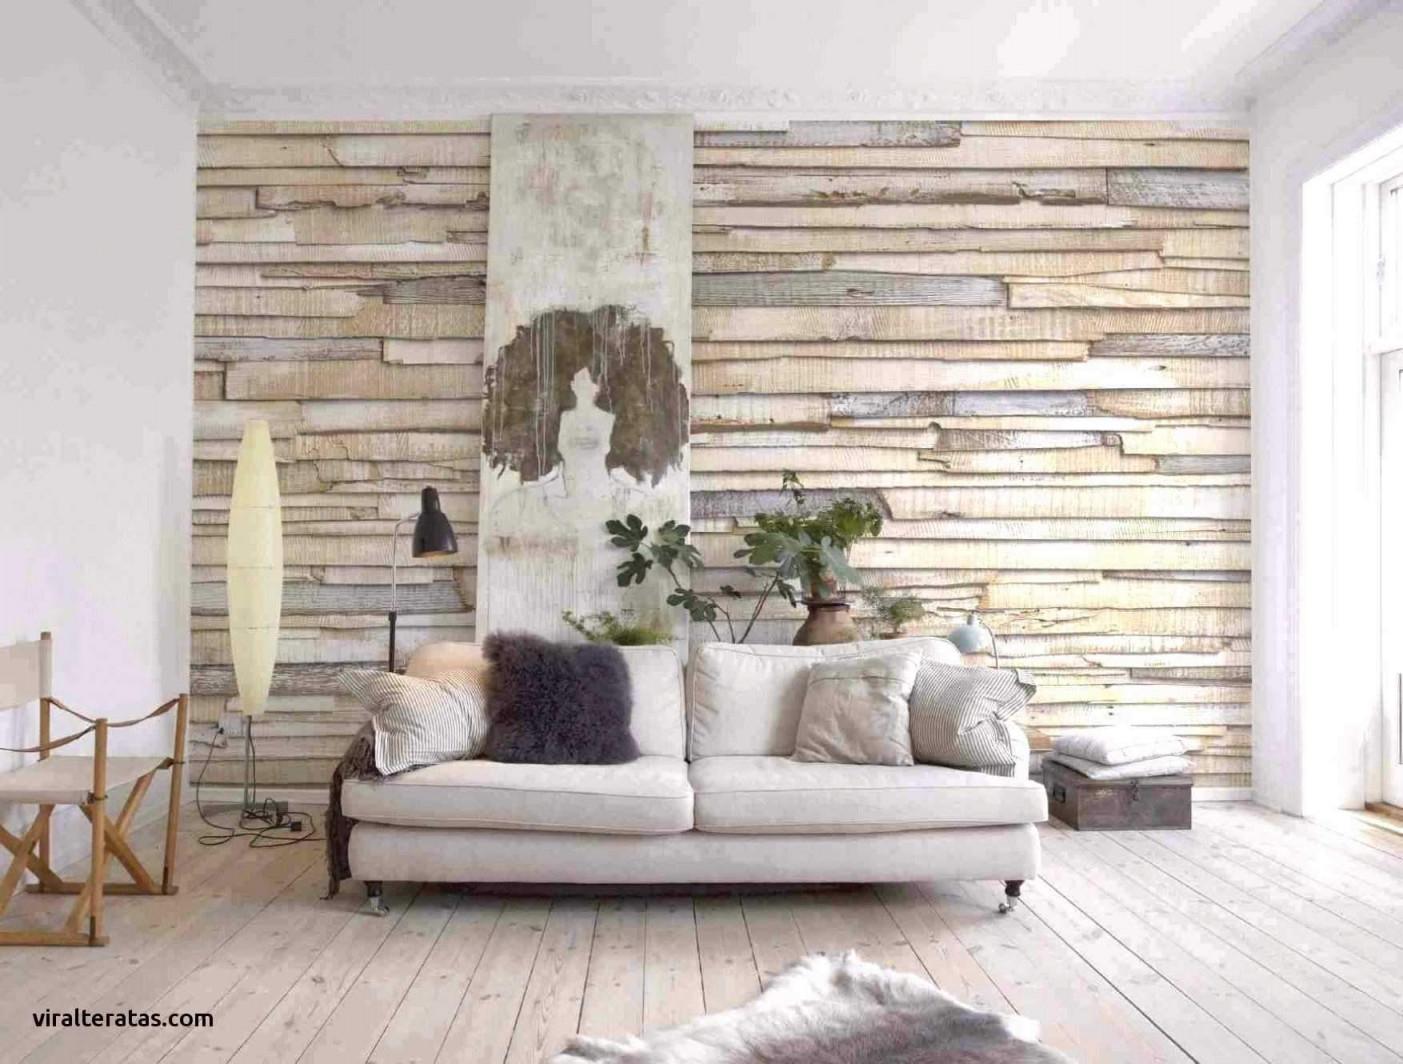 36 Luxus Wohnzimmer Tapeten 2015 Luxus  Wohnzimmer Frisch von Tapeten Für Wohnzimmer Photo